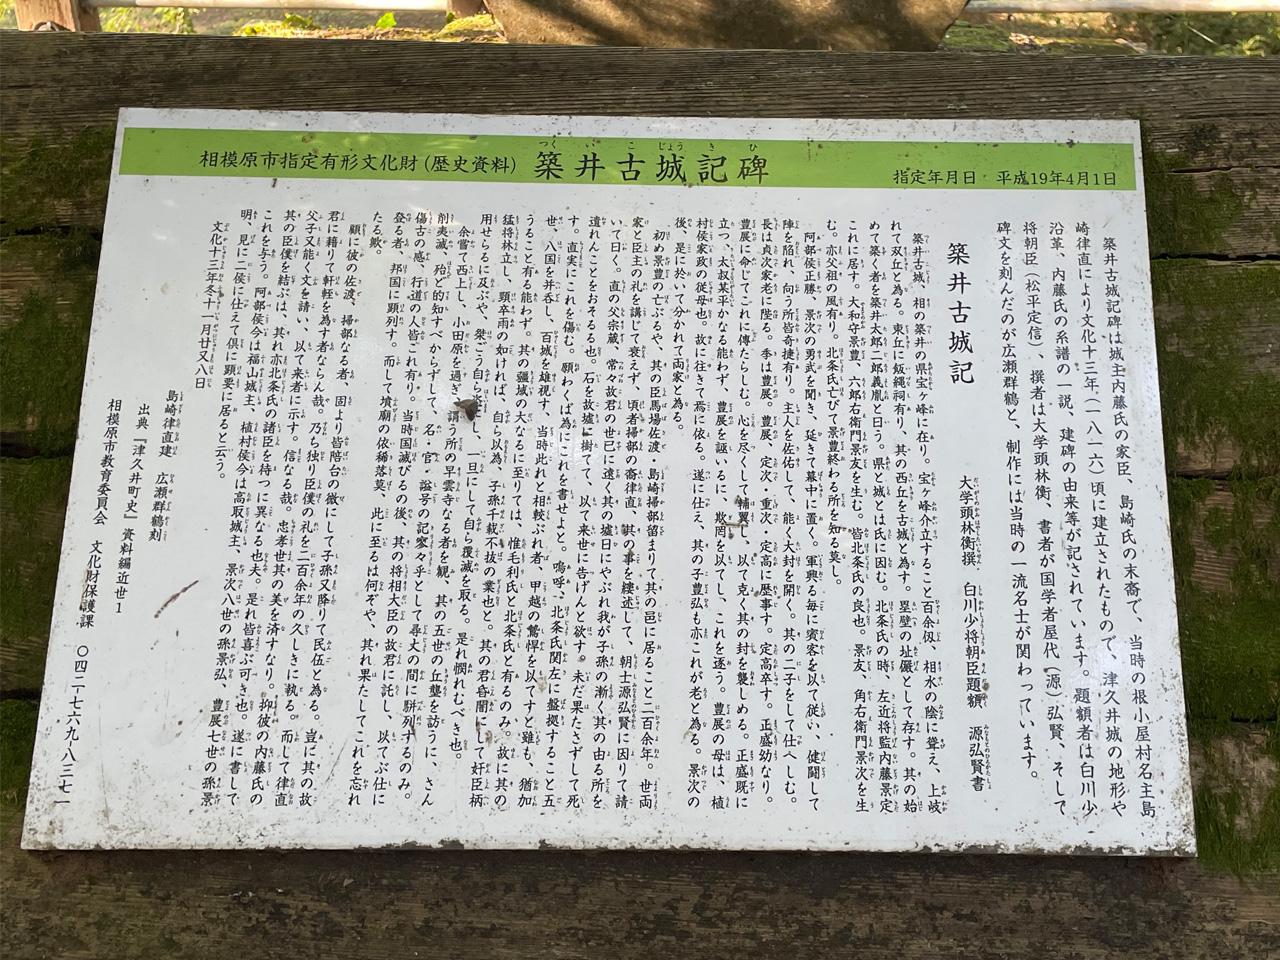 築井古城記念碑の歴史資料案内板